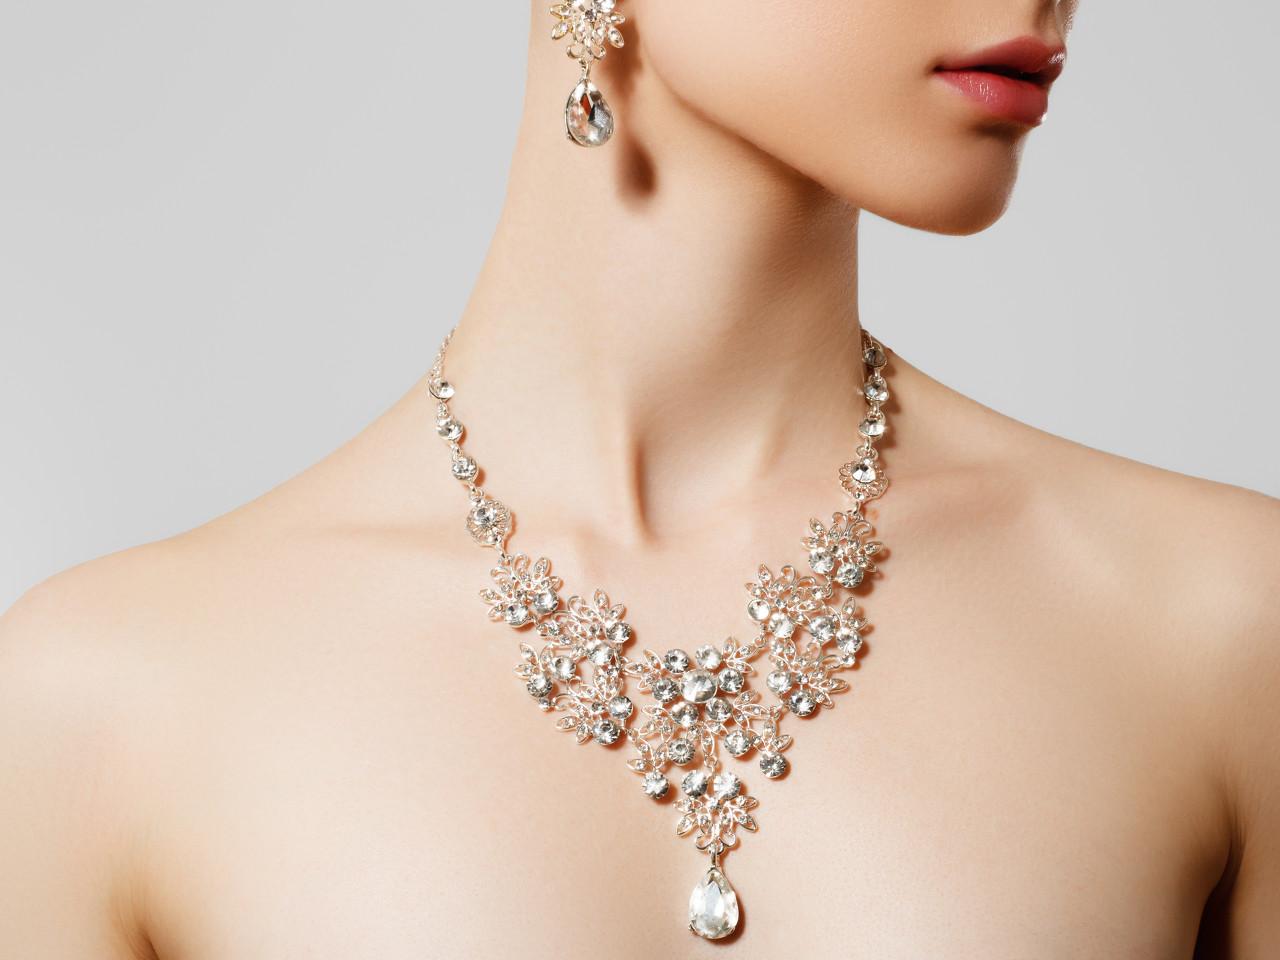 开云集团将携手旗下宝诗龙等奢华珠宝品牌亮相首届中国国际消费品博览会